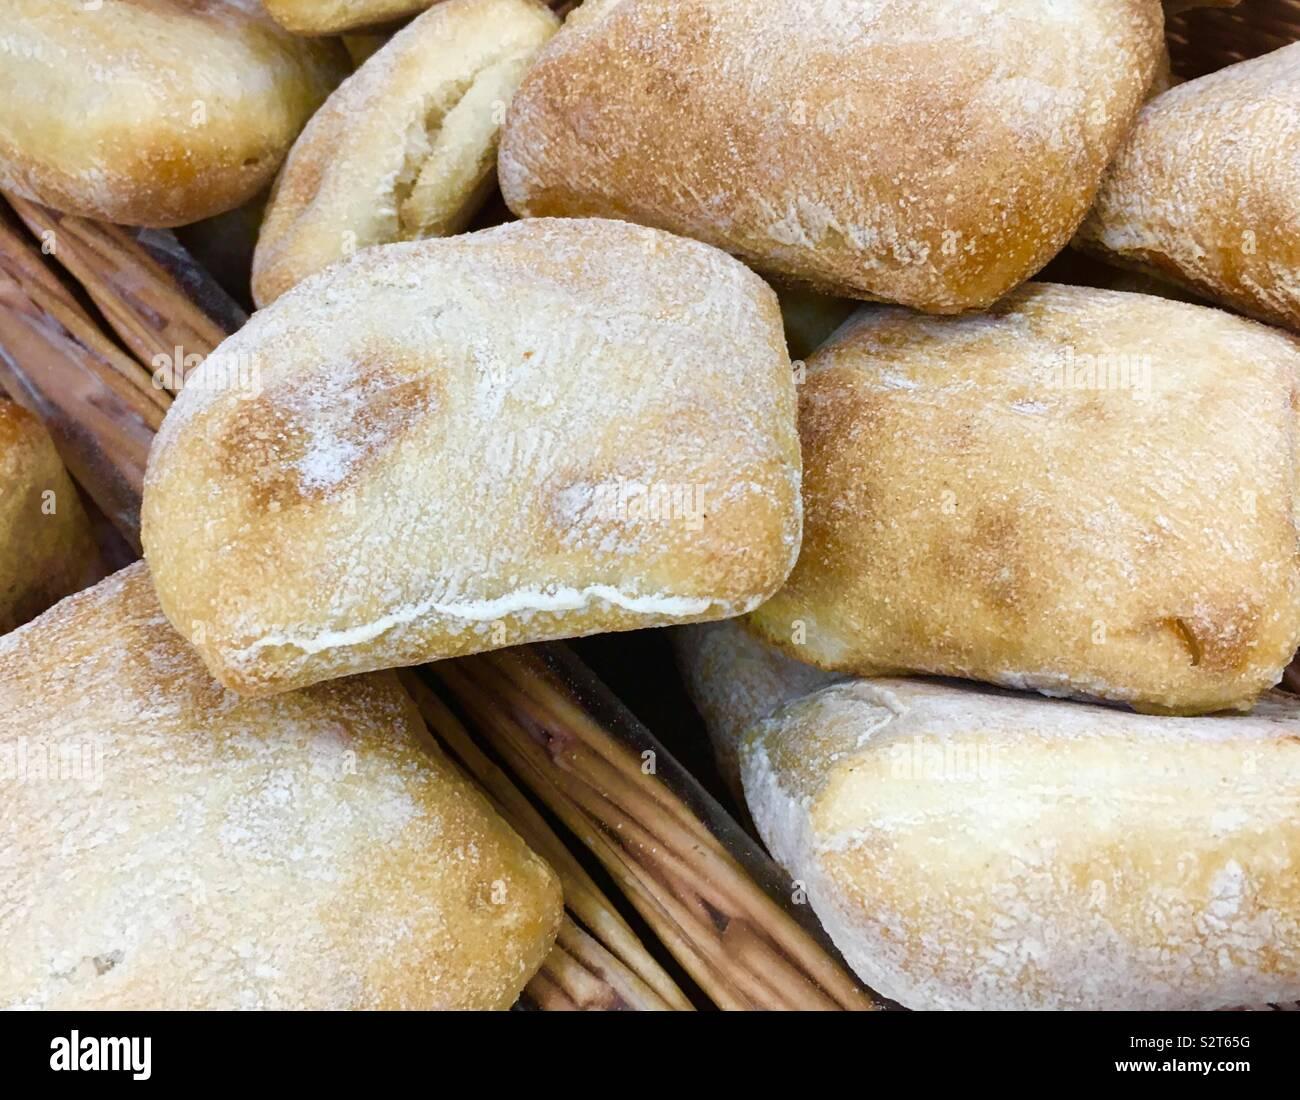 Panier plein de pain ciabatta en vente dans une boulangerie Banque D'Images